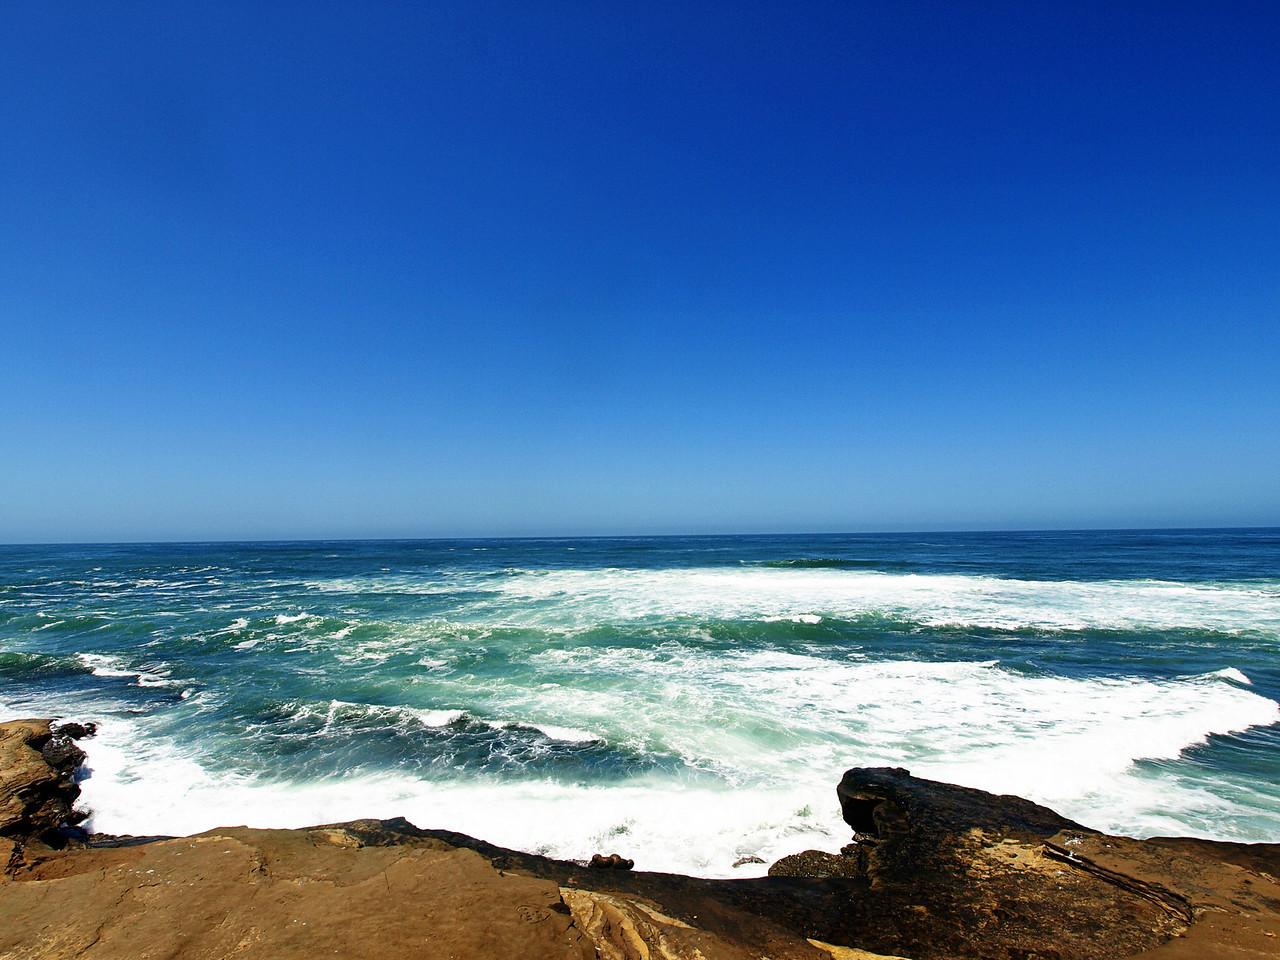 Pacific Ocean off the cliffs of La Jolla  Order Code: A24